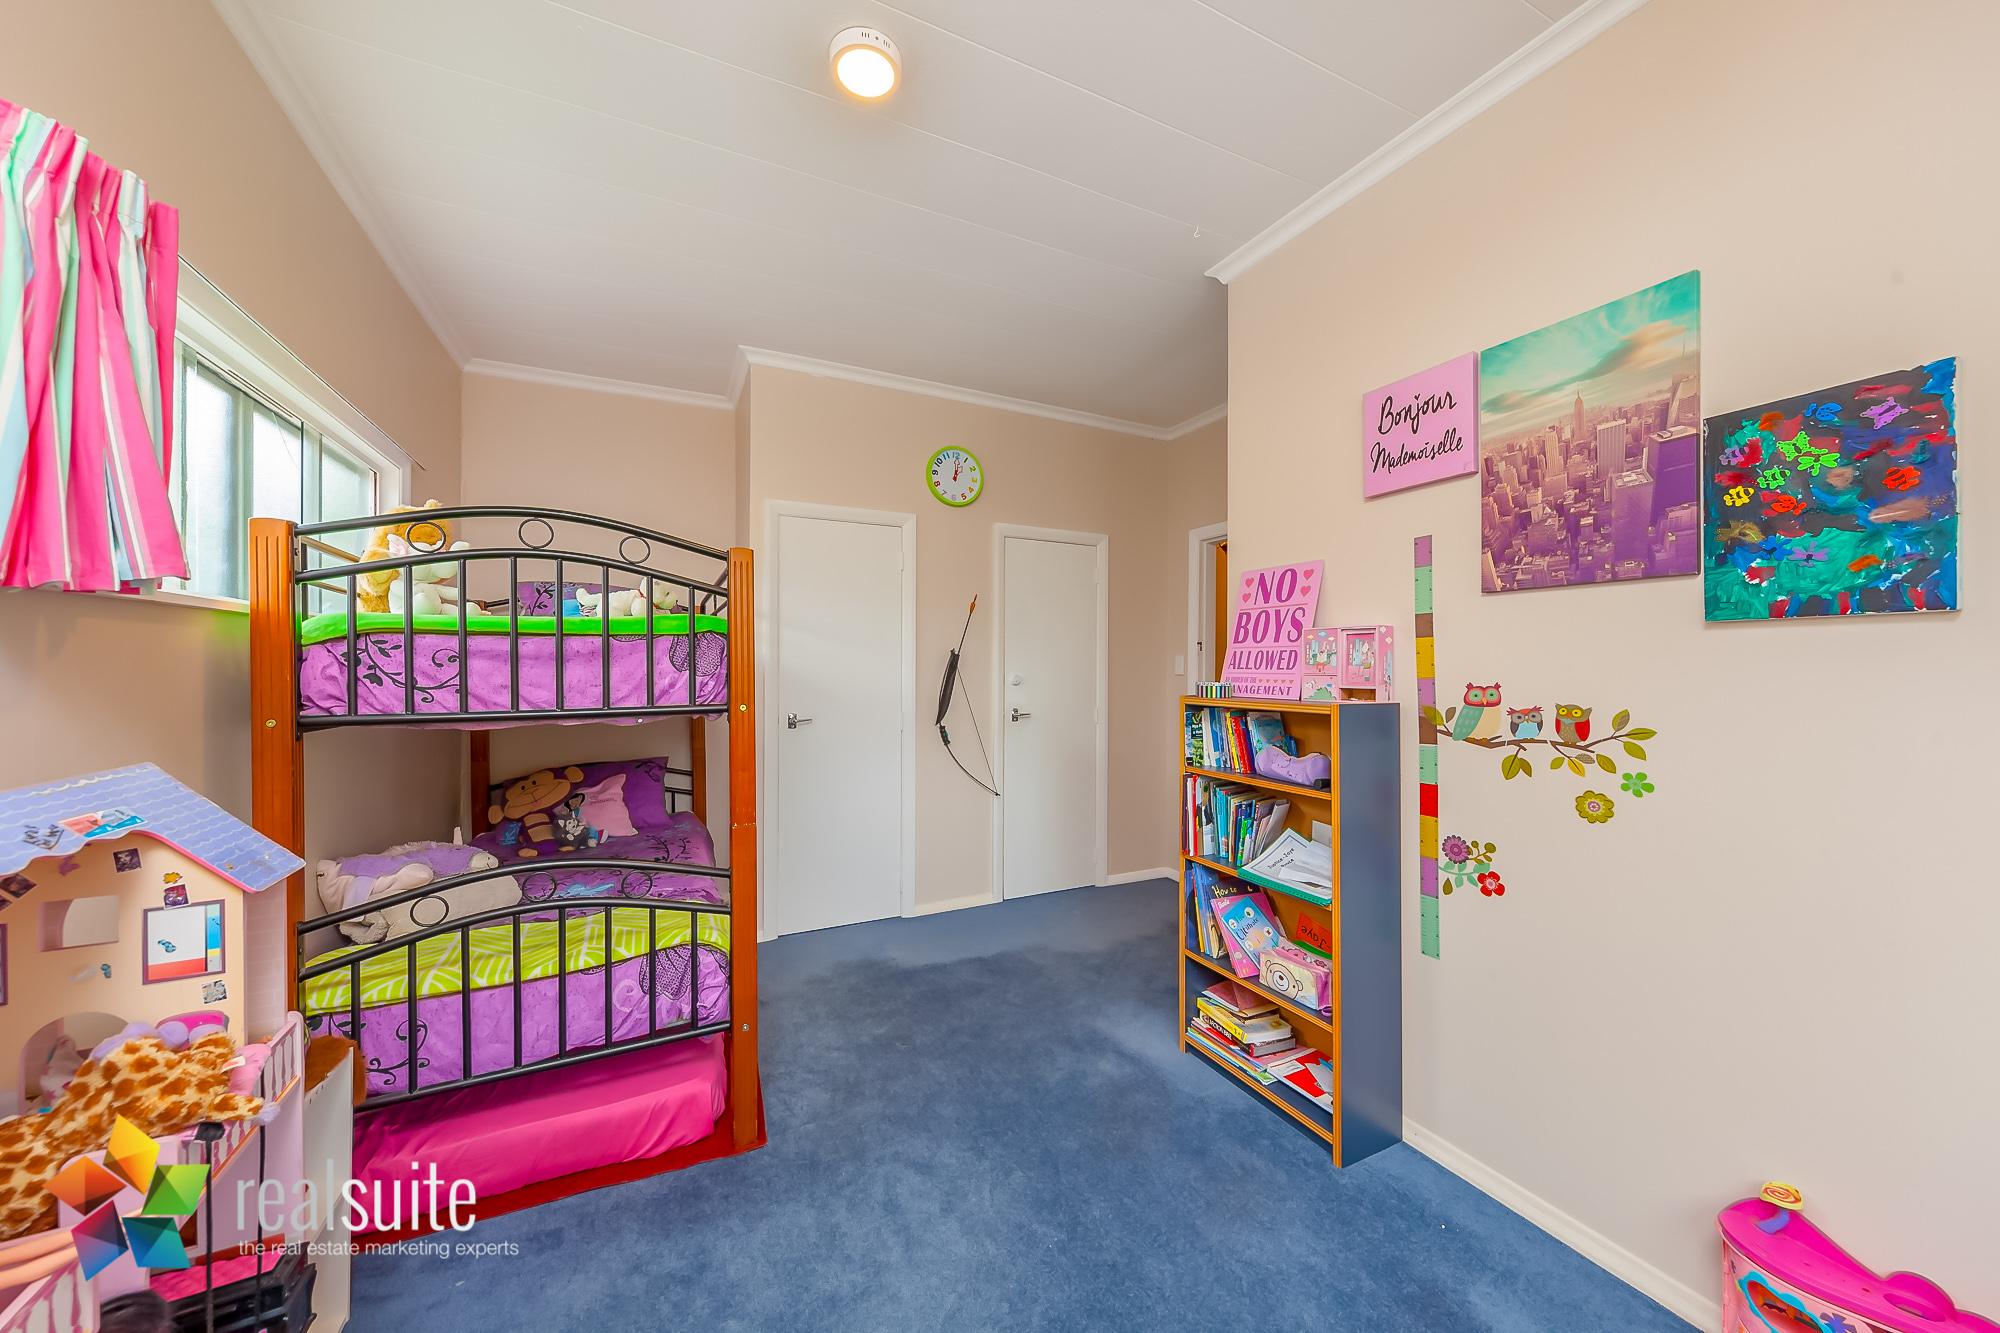 Realsuite Bedrooms (48)